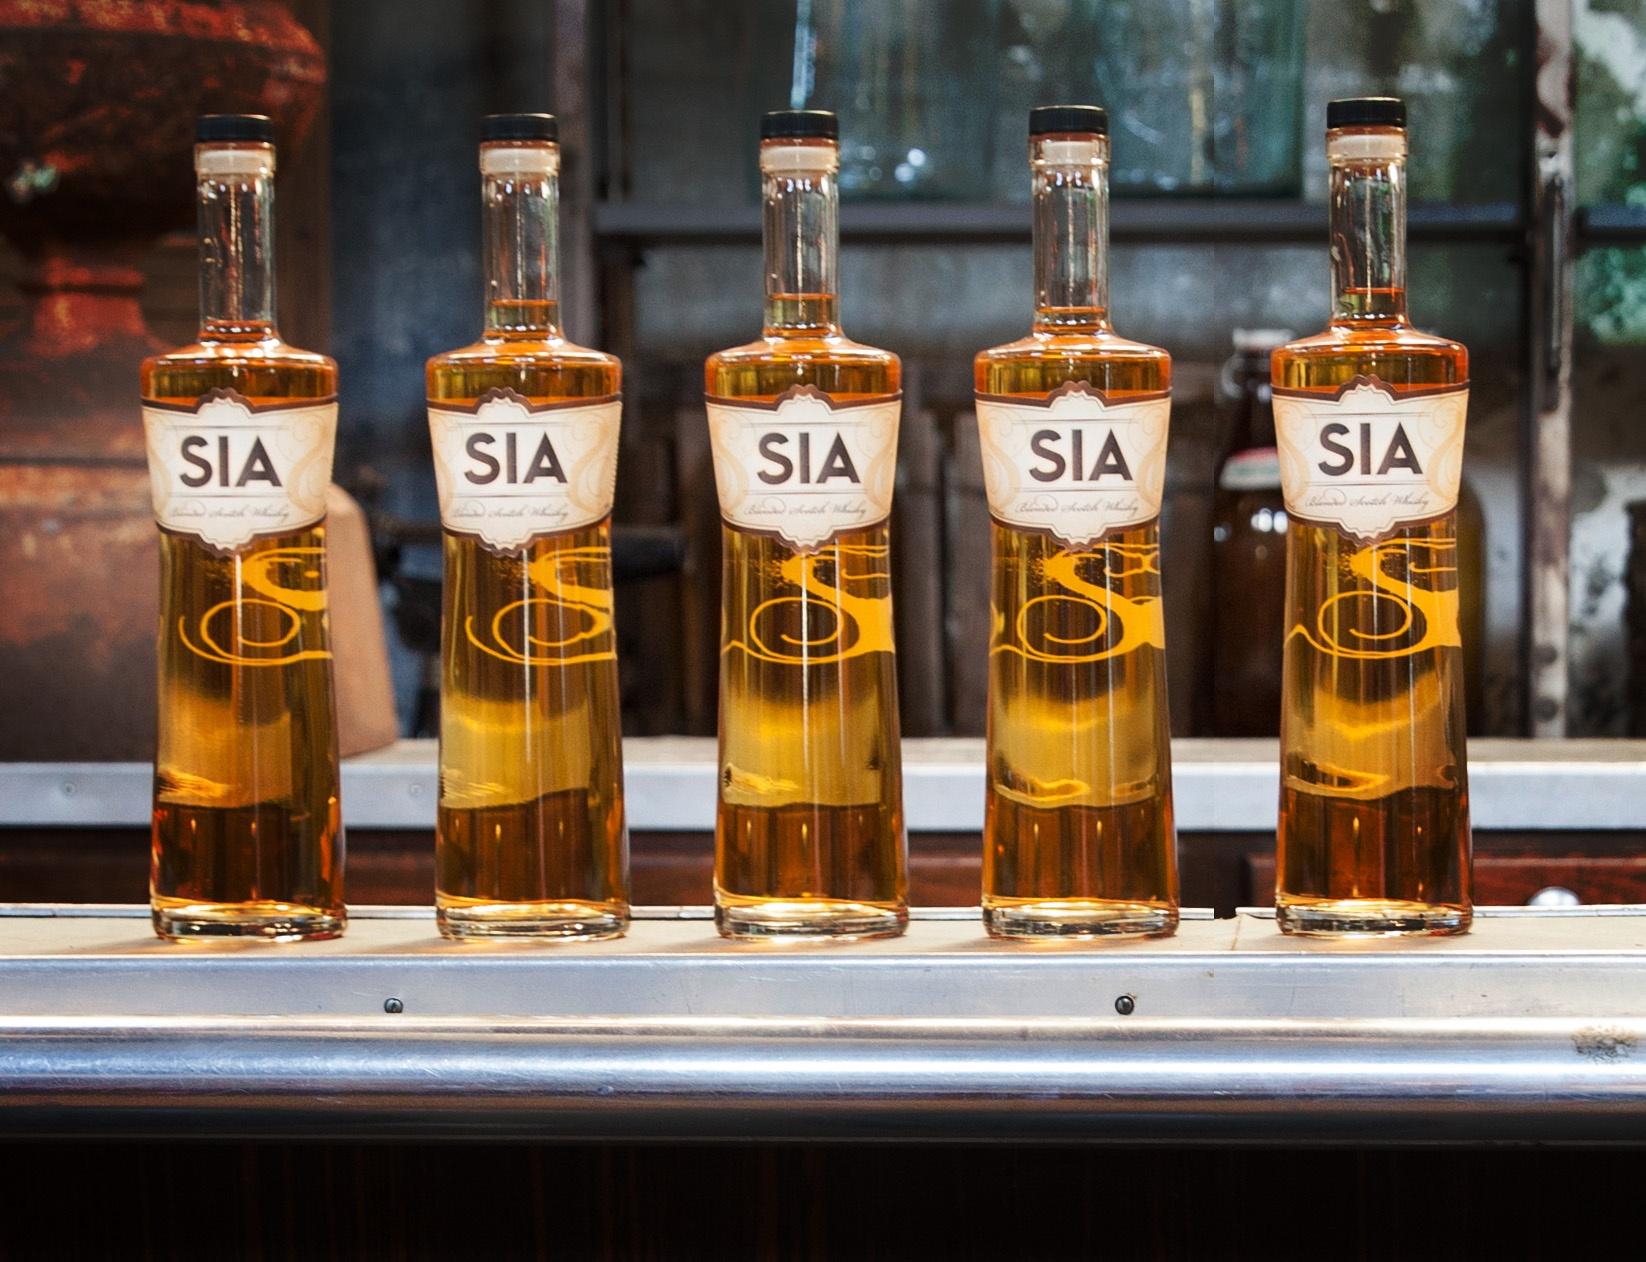 sia_bottles_full_1